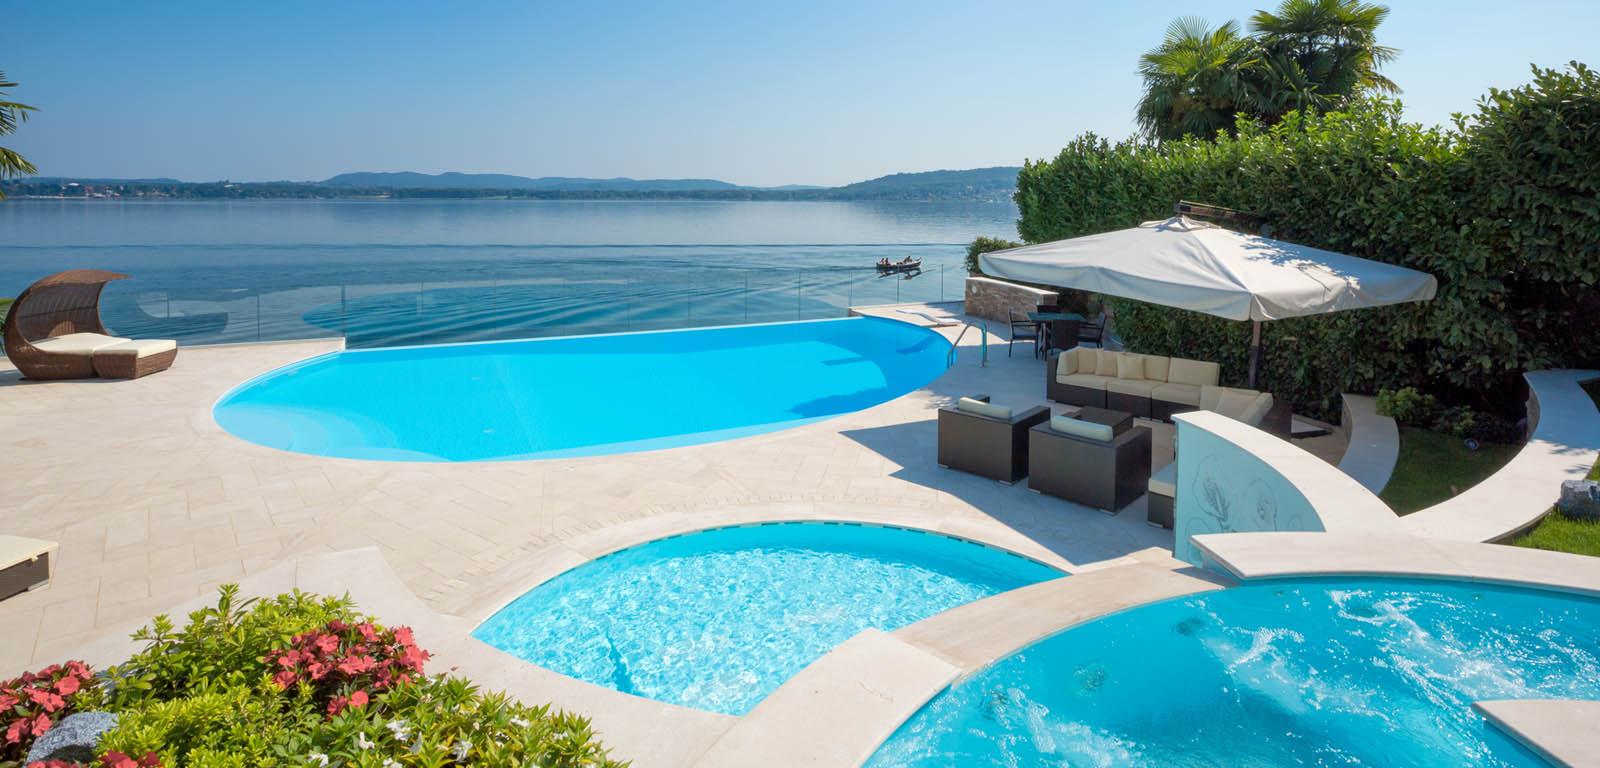 Piscine con cascata piscine castiglione for Piscine pool